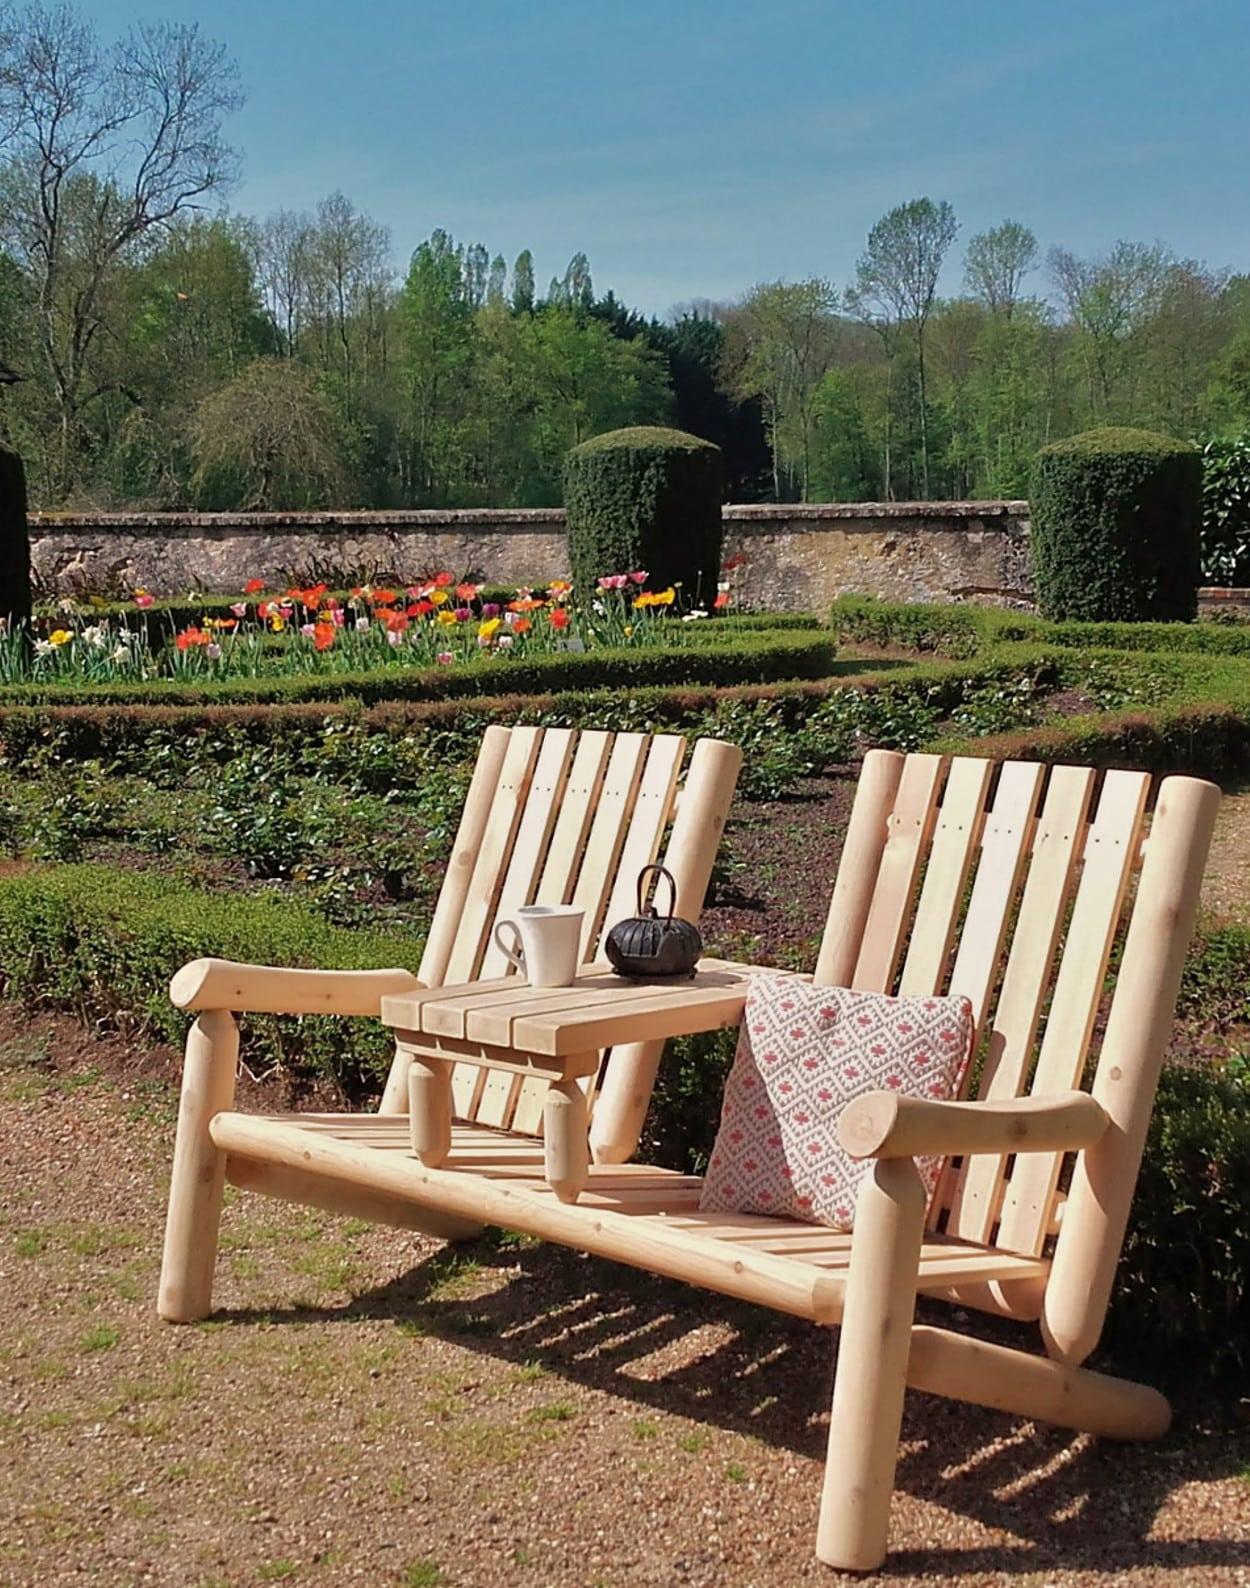 fauteuil 2 places en bois t te t te c dre rondins. Black Bedroom Furniture Sets. Home Design Ideas